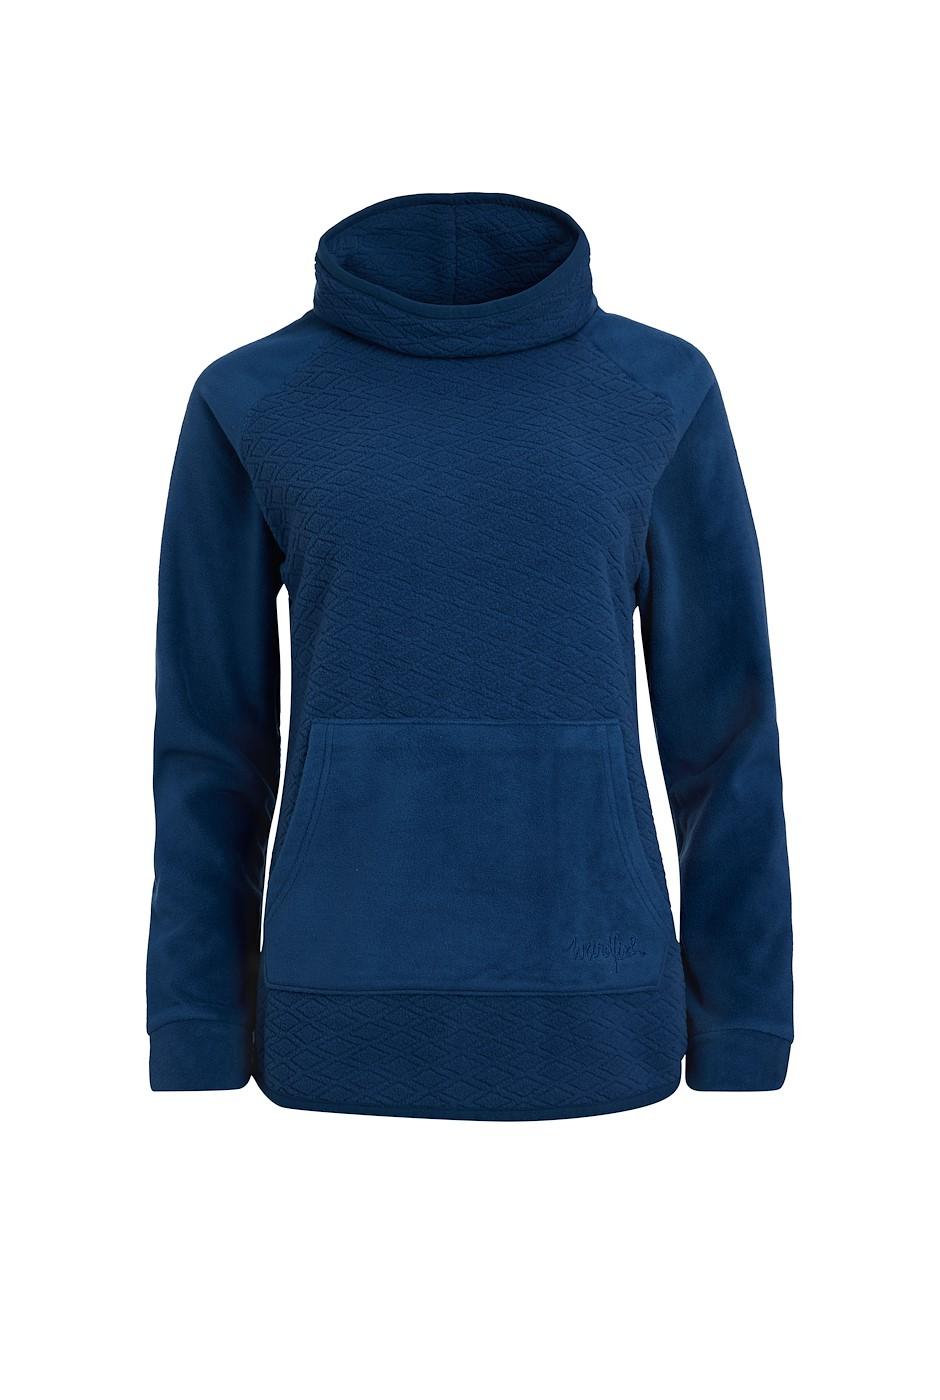 Sallca Recycled Polyester Micro Fleece Ensign Blue